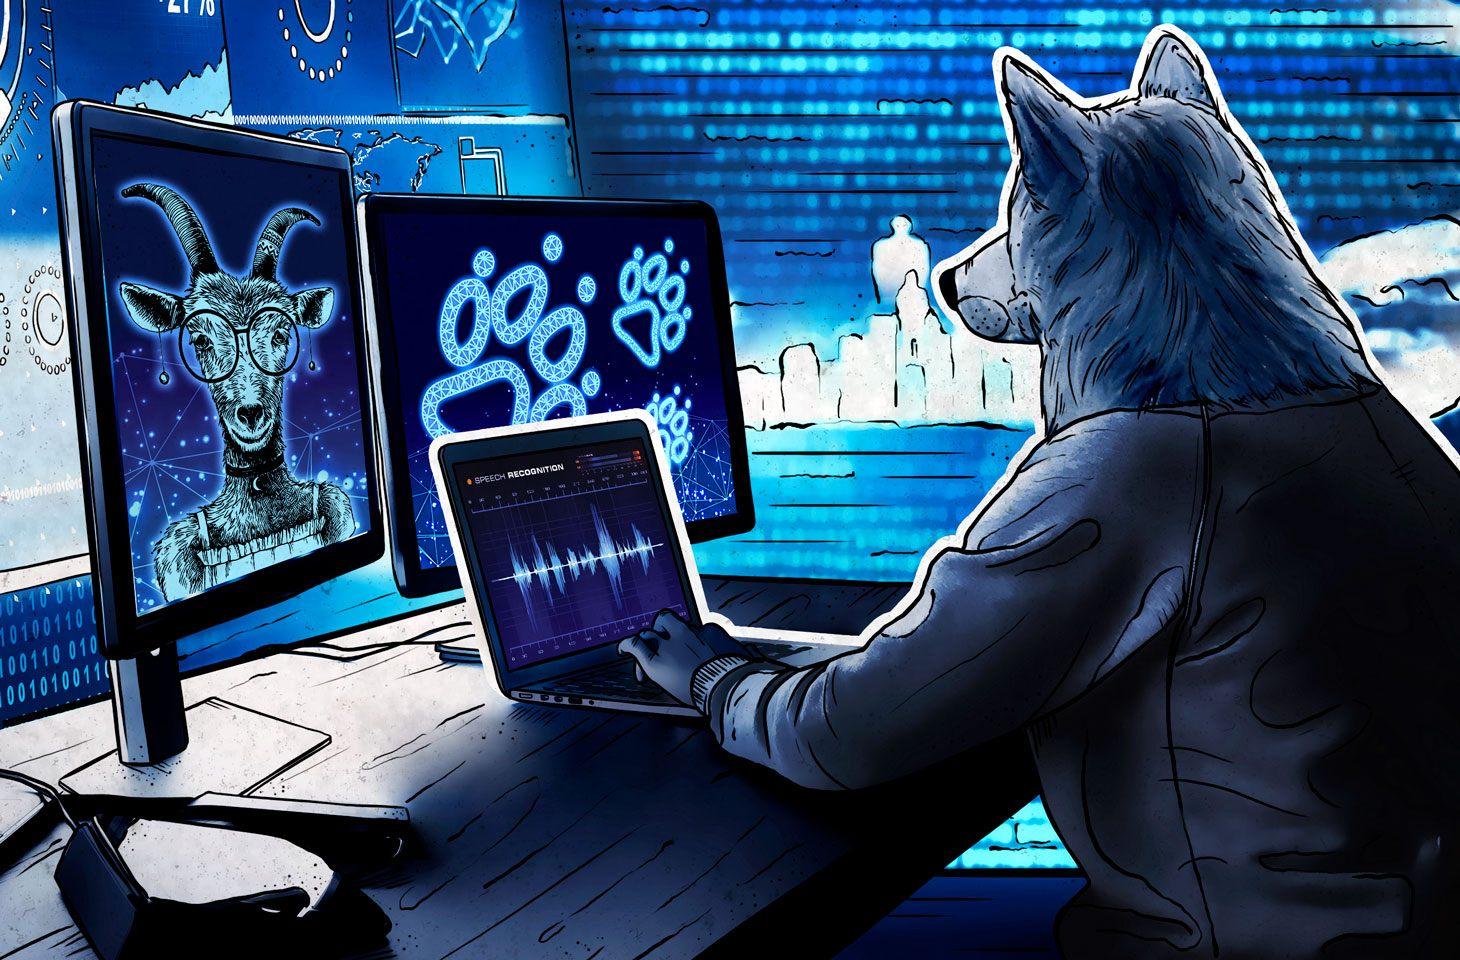 Wir analysieren das Märchen Der Wolf und die sieben jungen Geißlein im Rahmen der Cybersicherheit